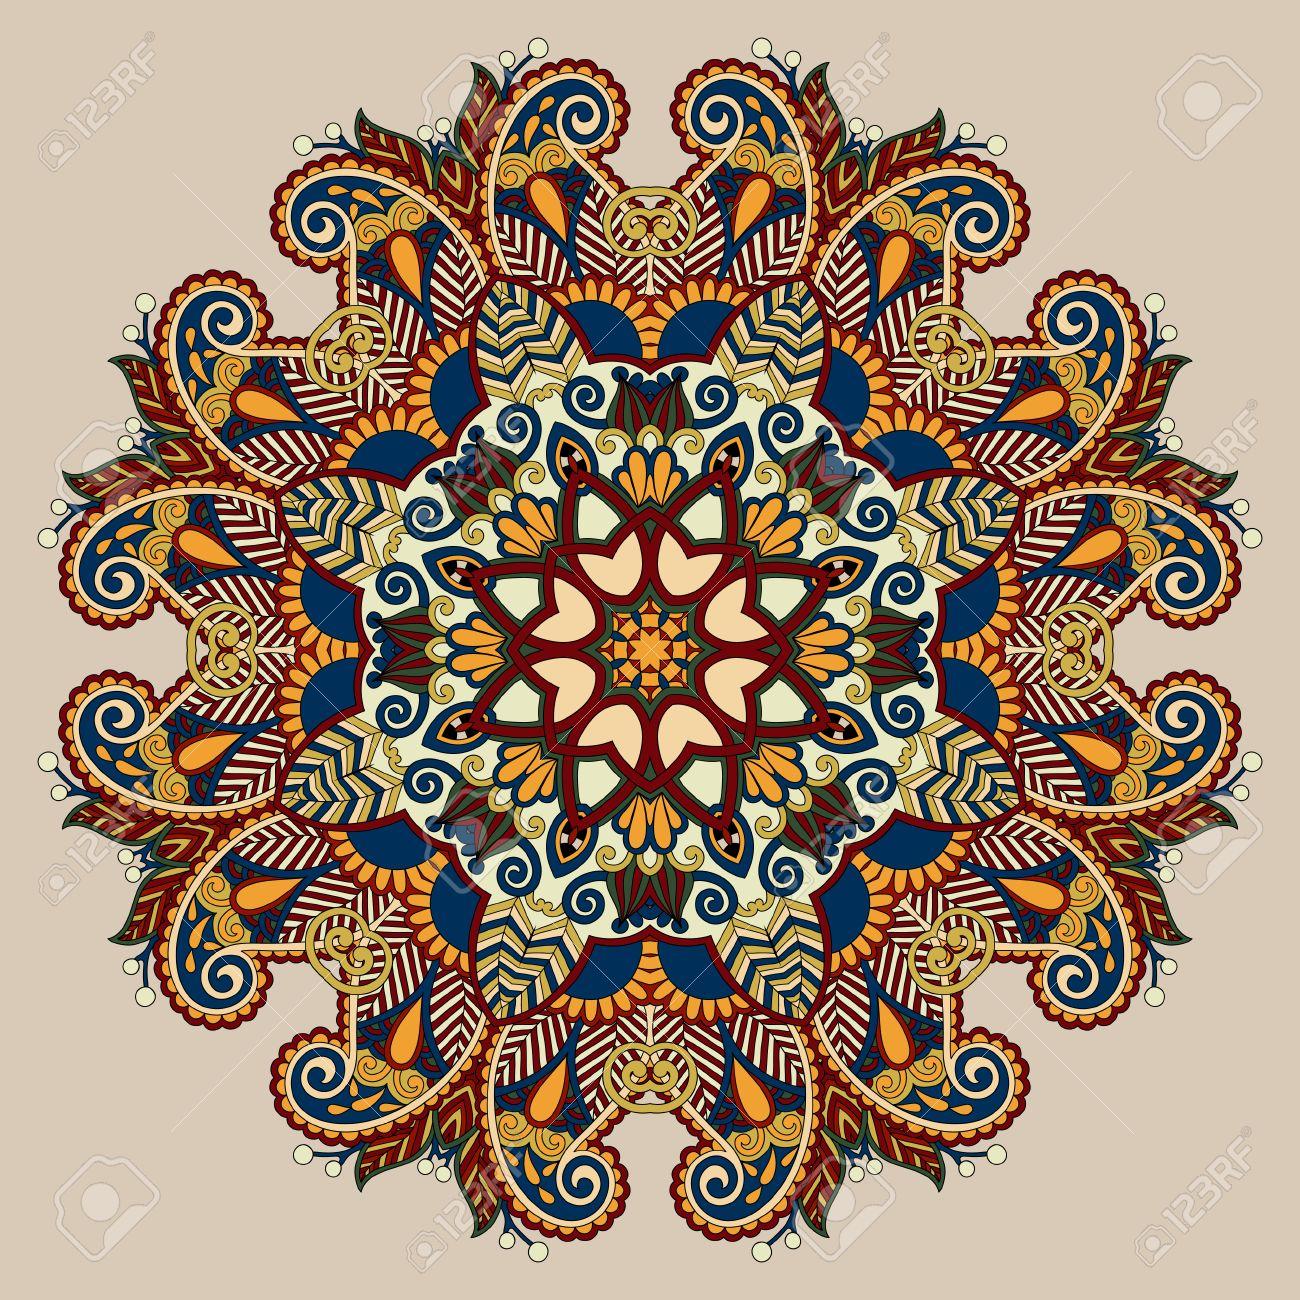 Banque dimages , mandala couleur beige, cercle décoratif symbole indien spirituelle de fleur de lotus, ornement rond, illustration vectorielle